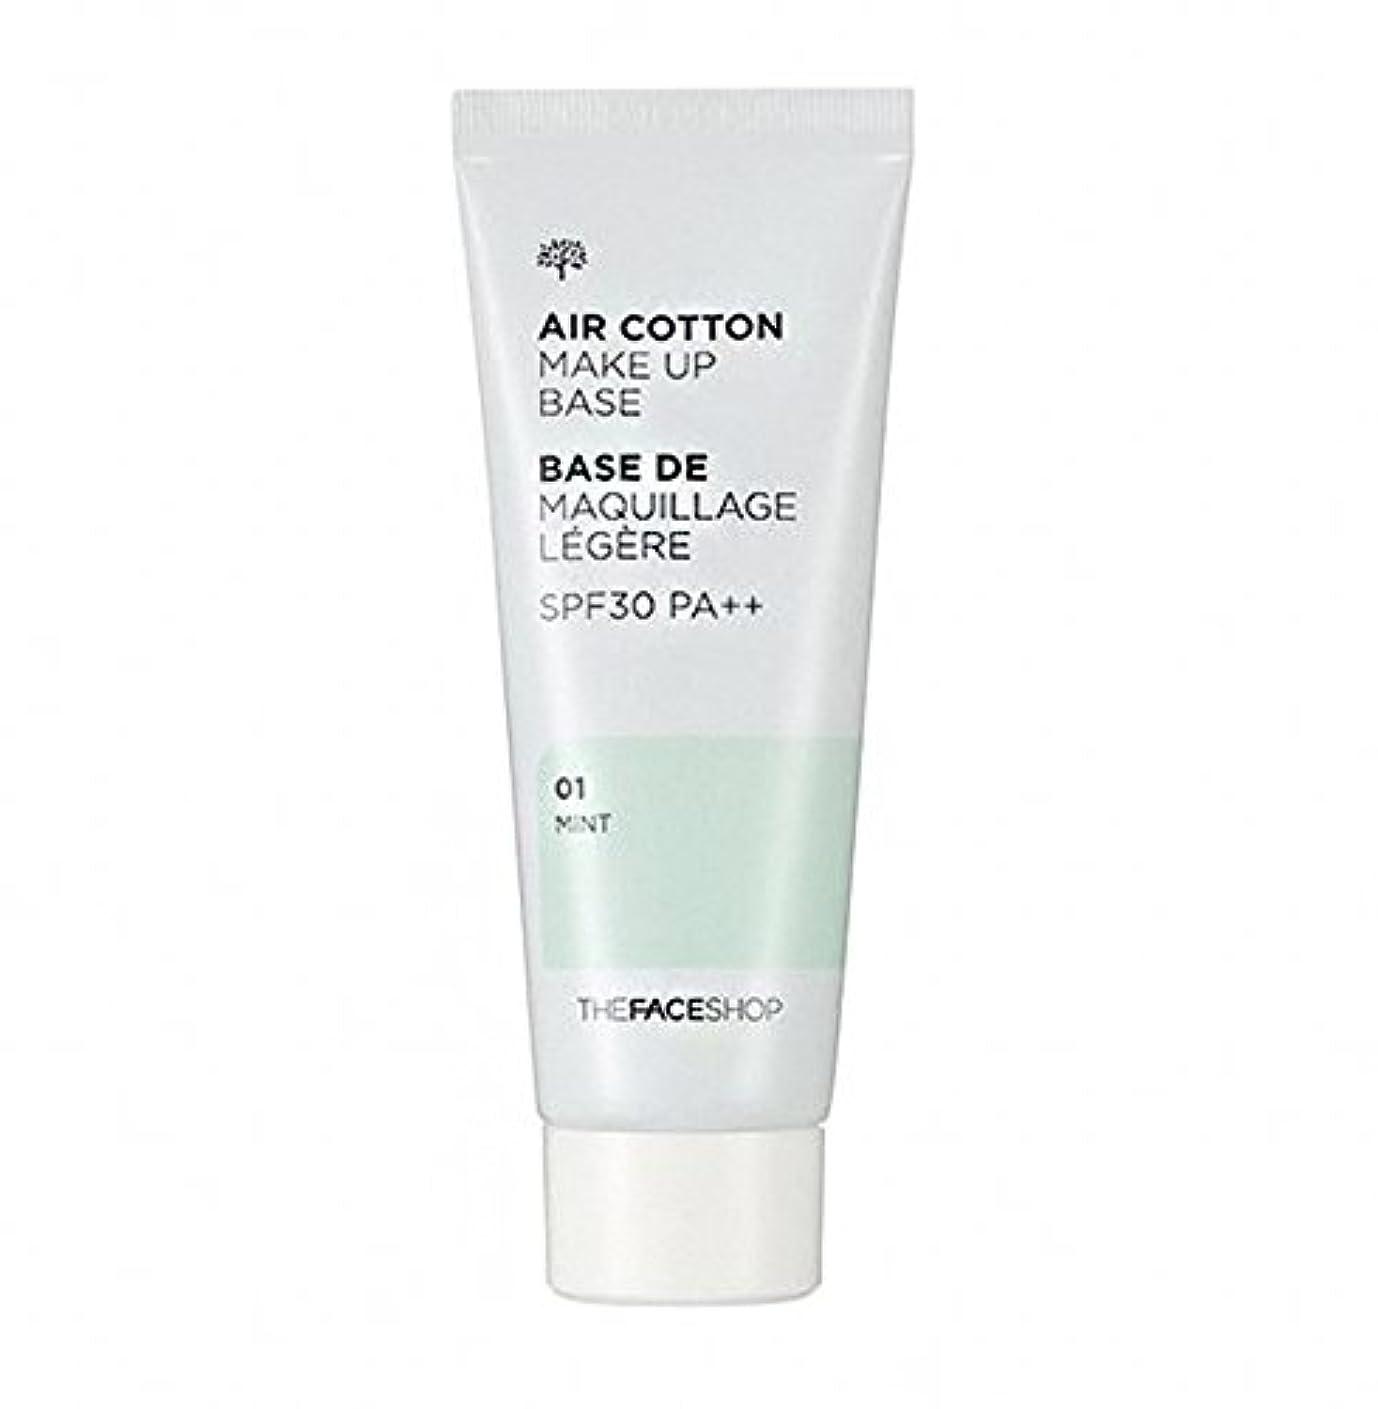 息苦しいオゾン寄付ザ·フェイスショップ The Face Shop エアコットン メーキャップ ベース 40ml(01 ミント) The Face Shop air Cotton Makeup Base 40ml(01 Mint) [海外直送品]